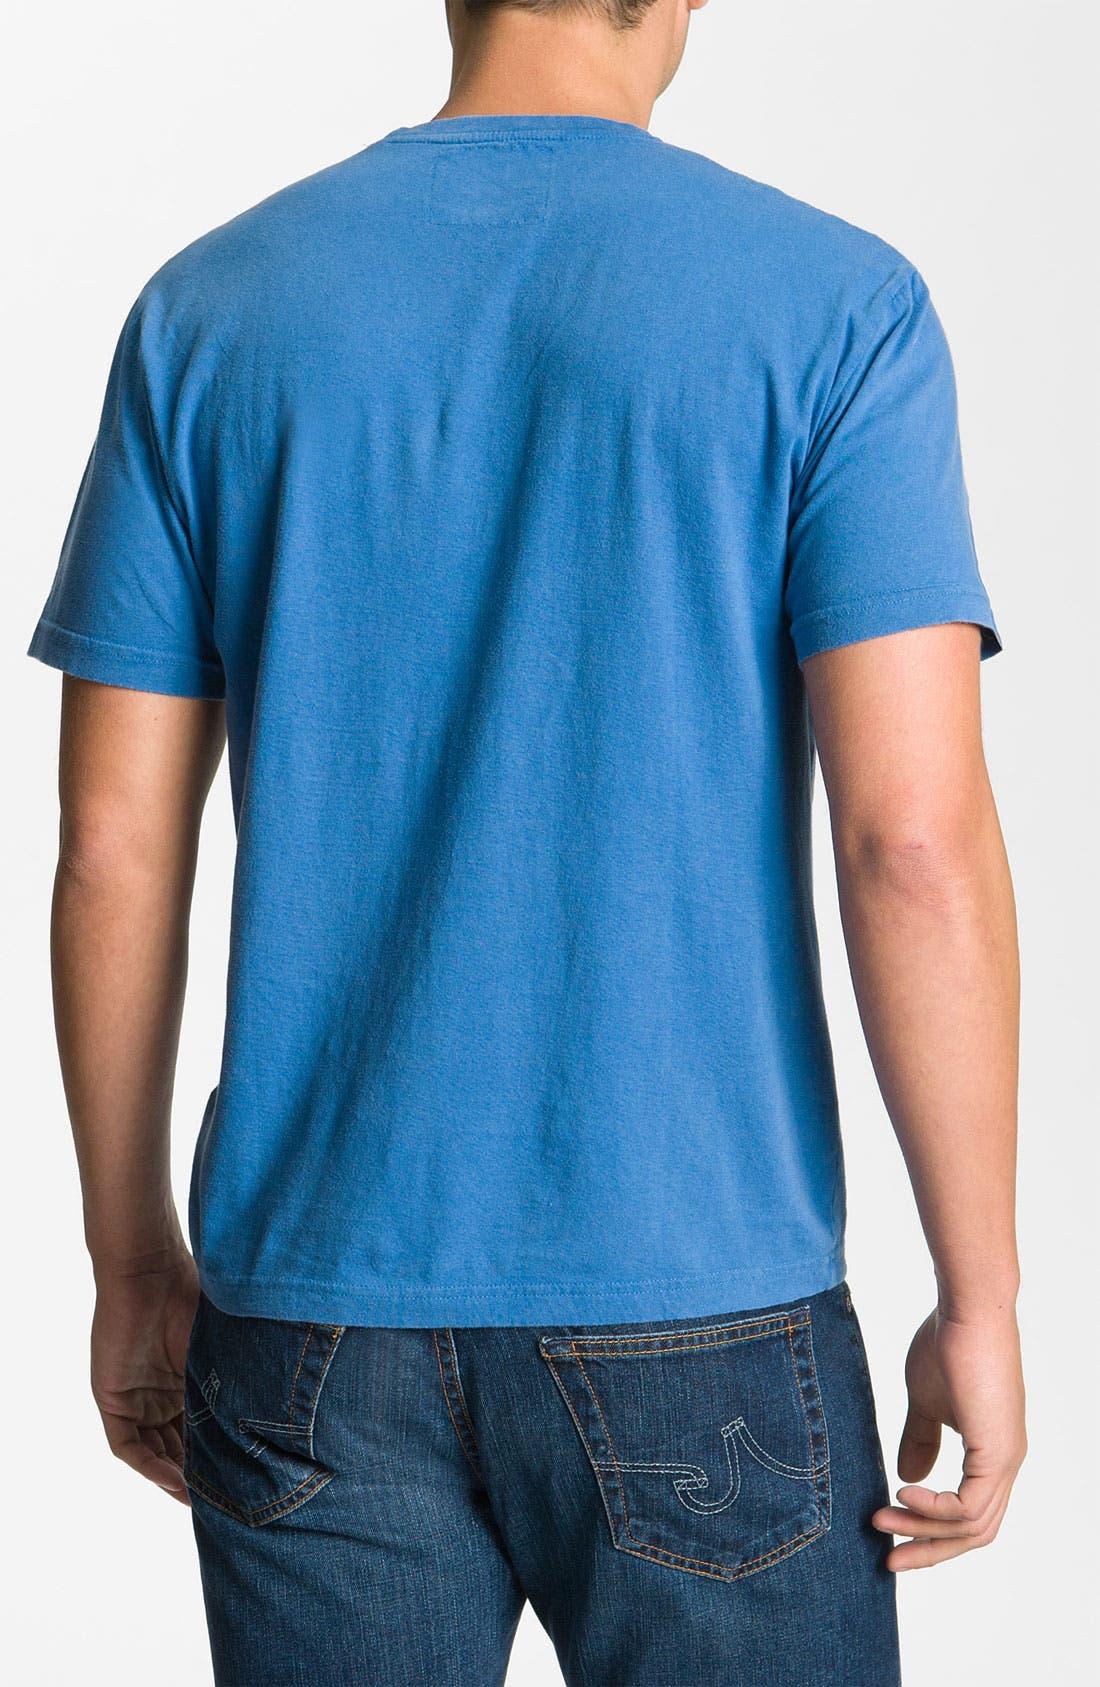 Alternate Image 2  - Red Jacket 'Yokohama Taiyo Whales' Regular Fit Crewneck T-Shirt